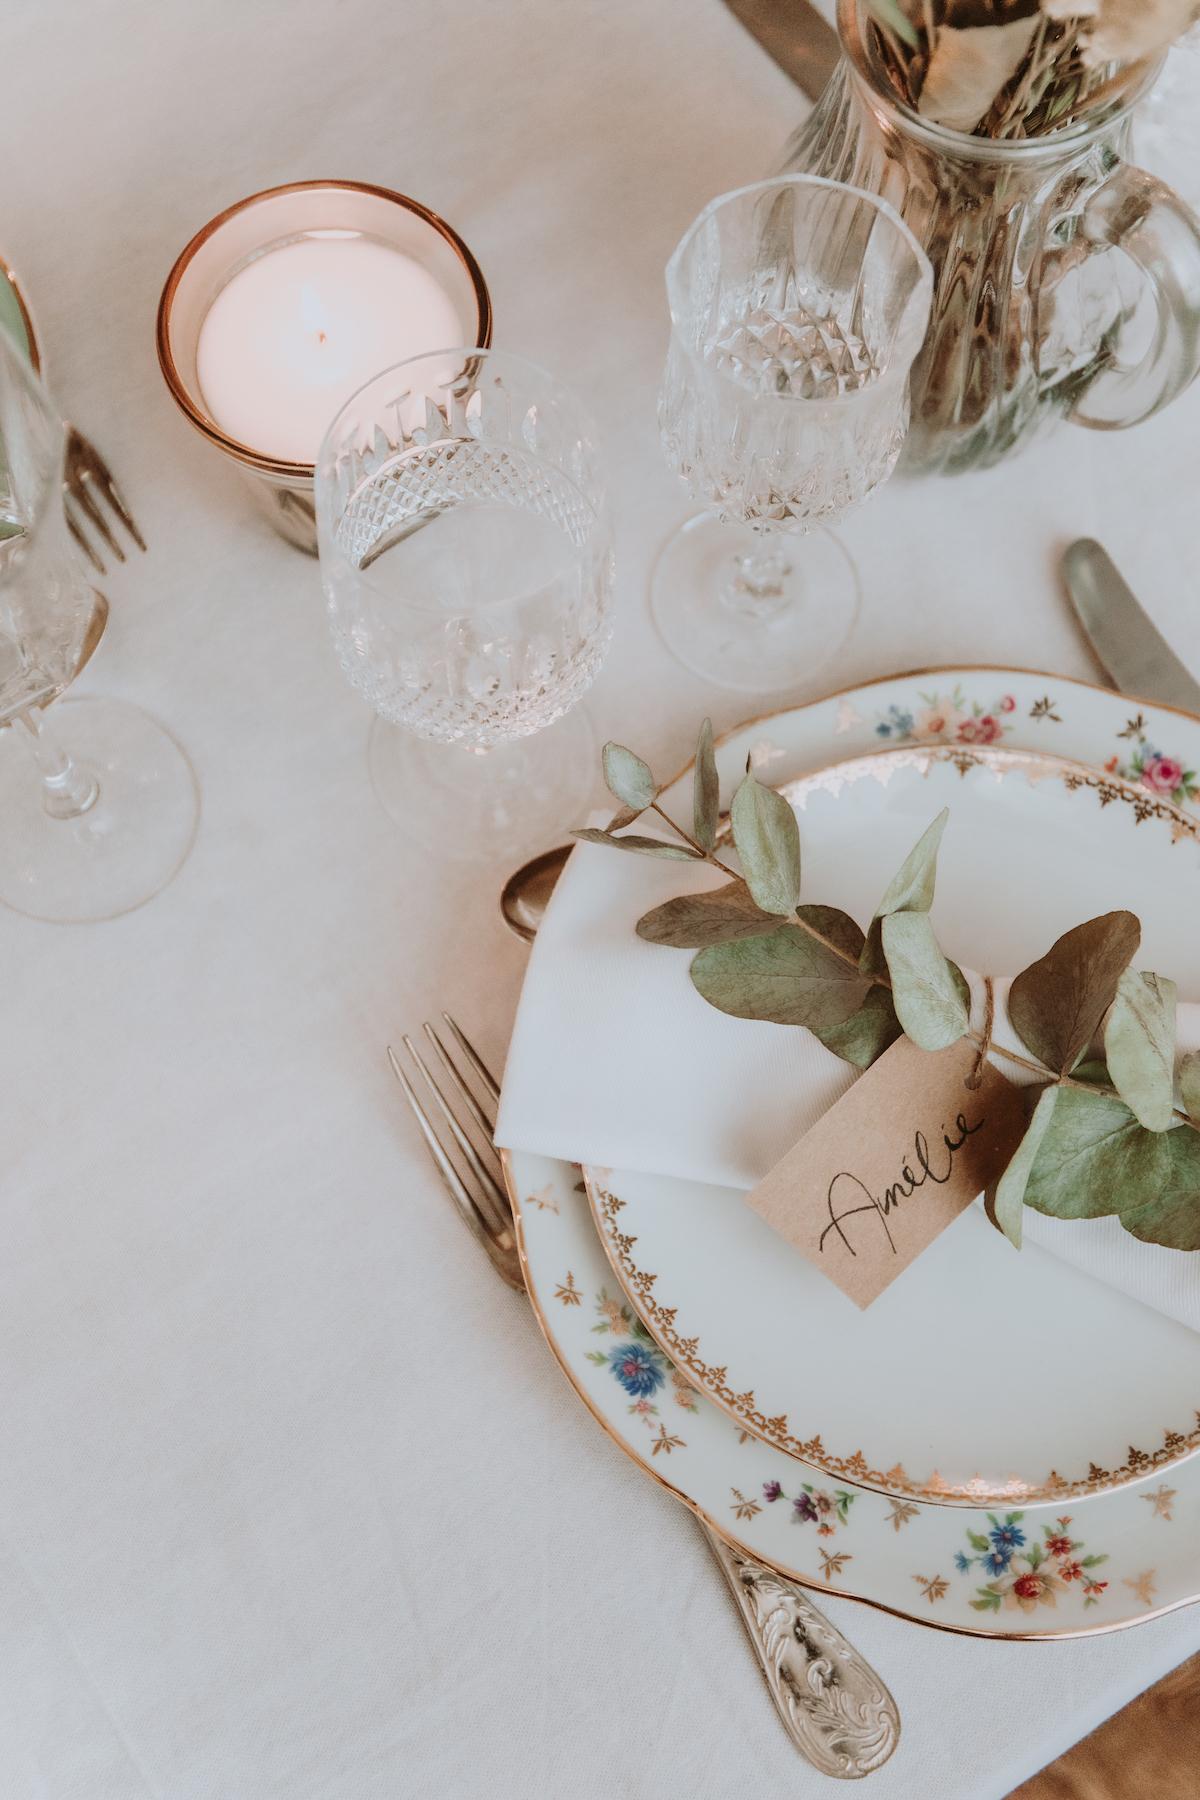 mariage boheme vaiselle decoration florale